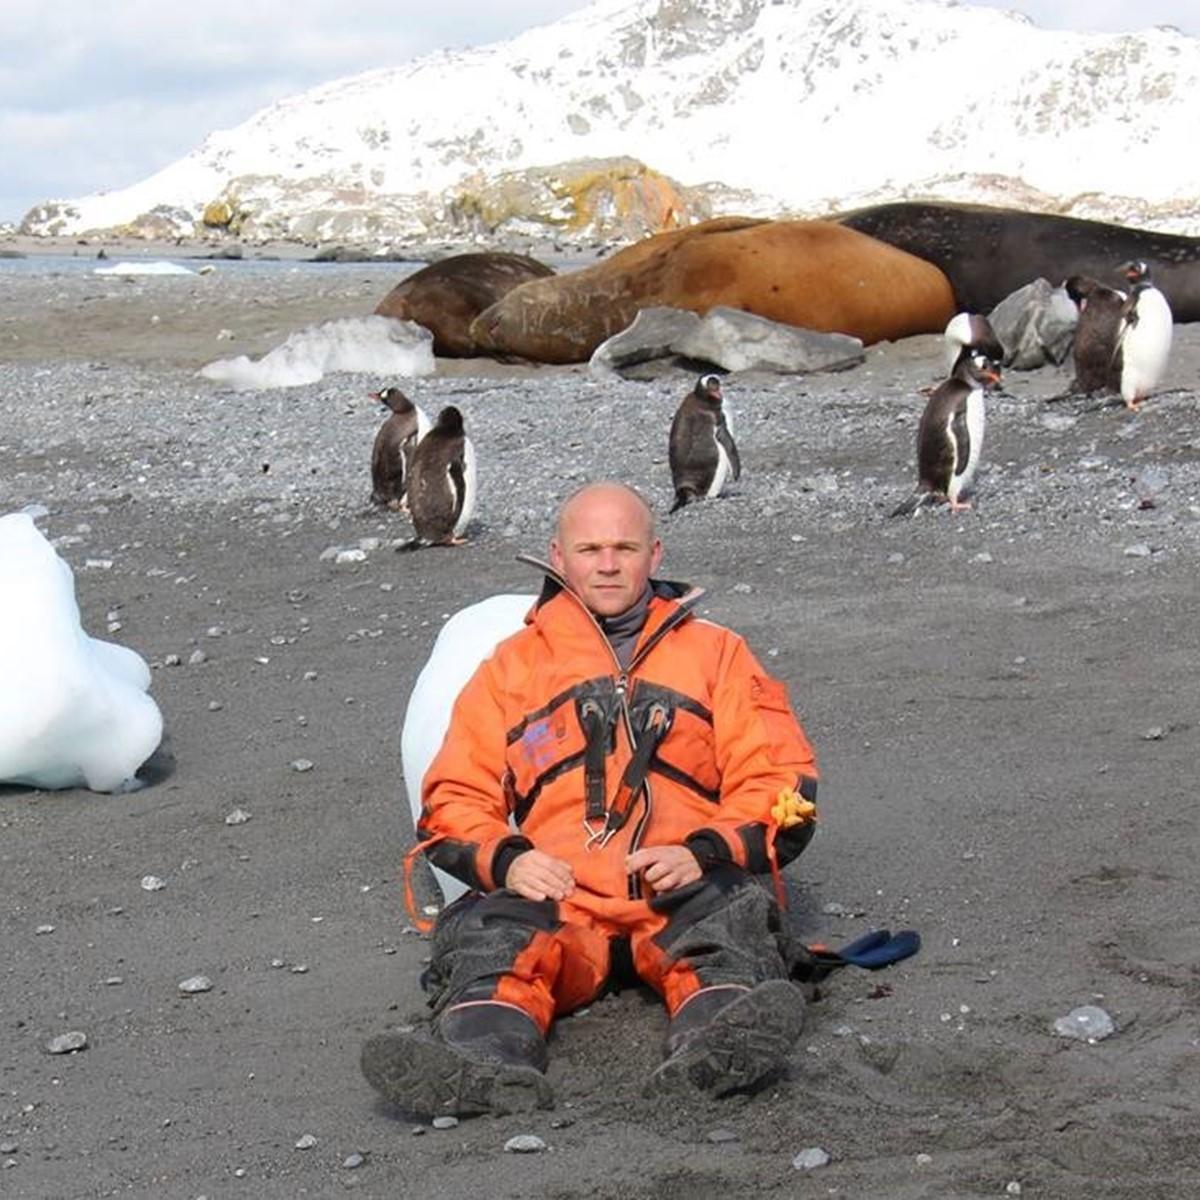 Professor med speciale i fiskeredskaber - Fiskeri Tidende